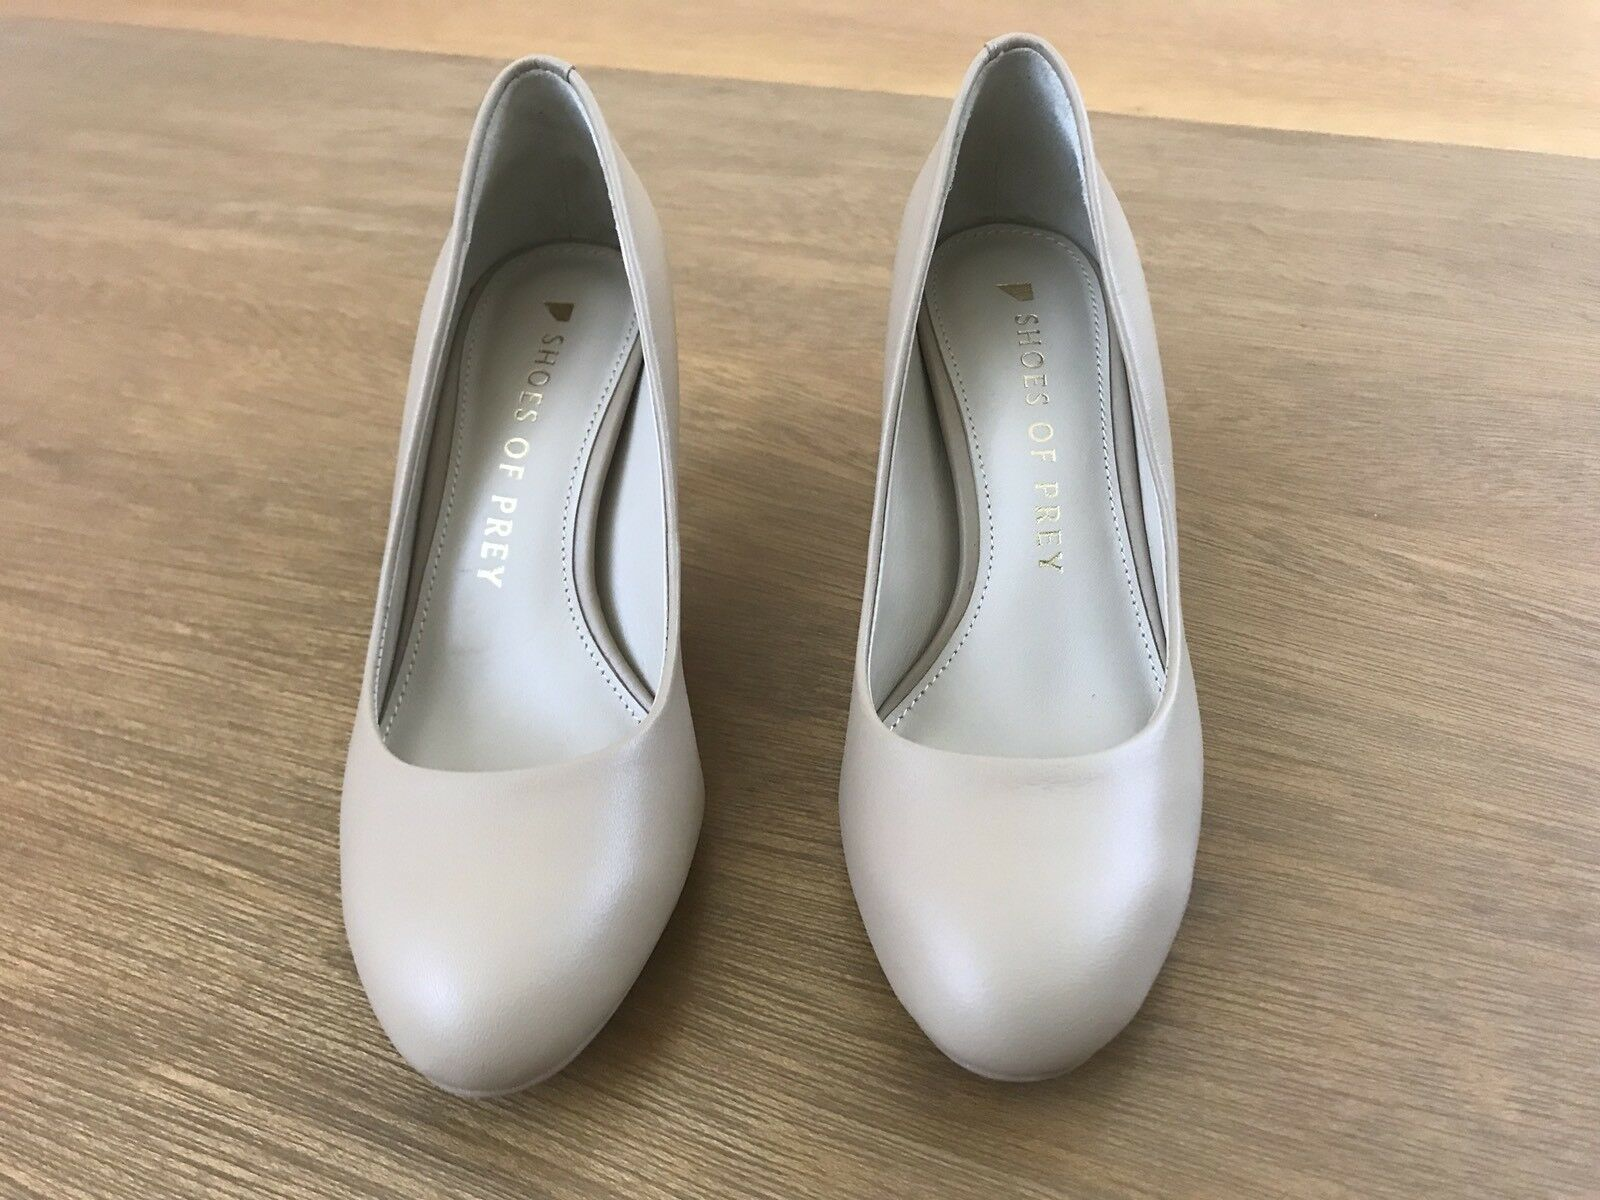 Shoes Of Prey Pumps Women's Size US 2.5